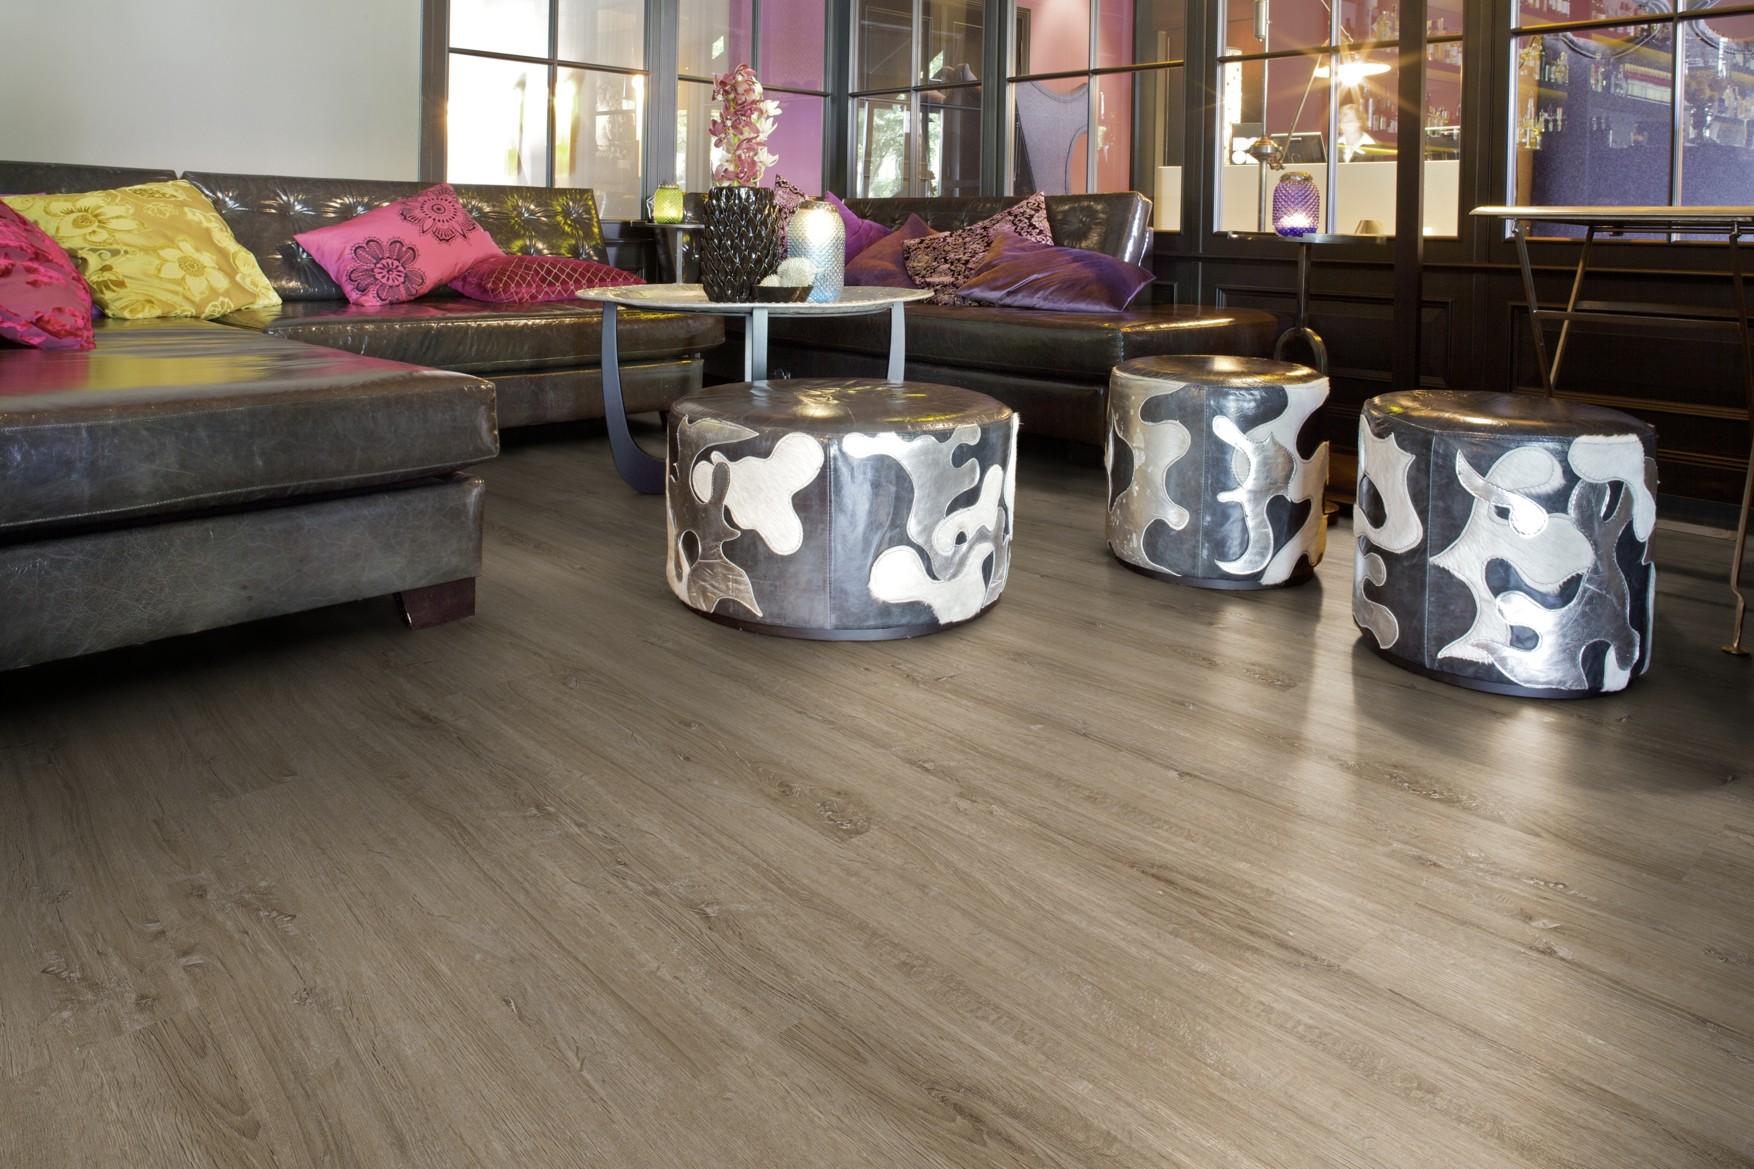 Fußboden Nürnberg ~ Designboden und industrieboden verlegen mit zebo fußbodenbau gmbh